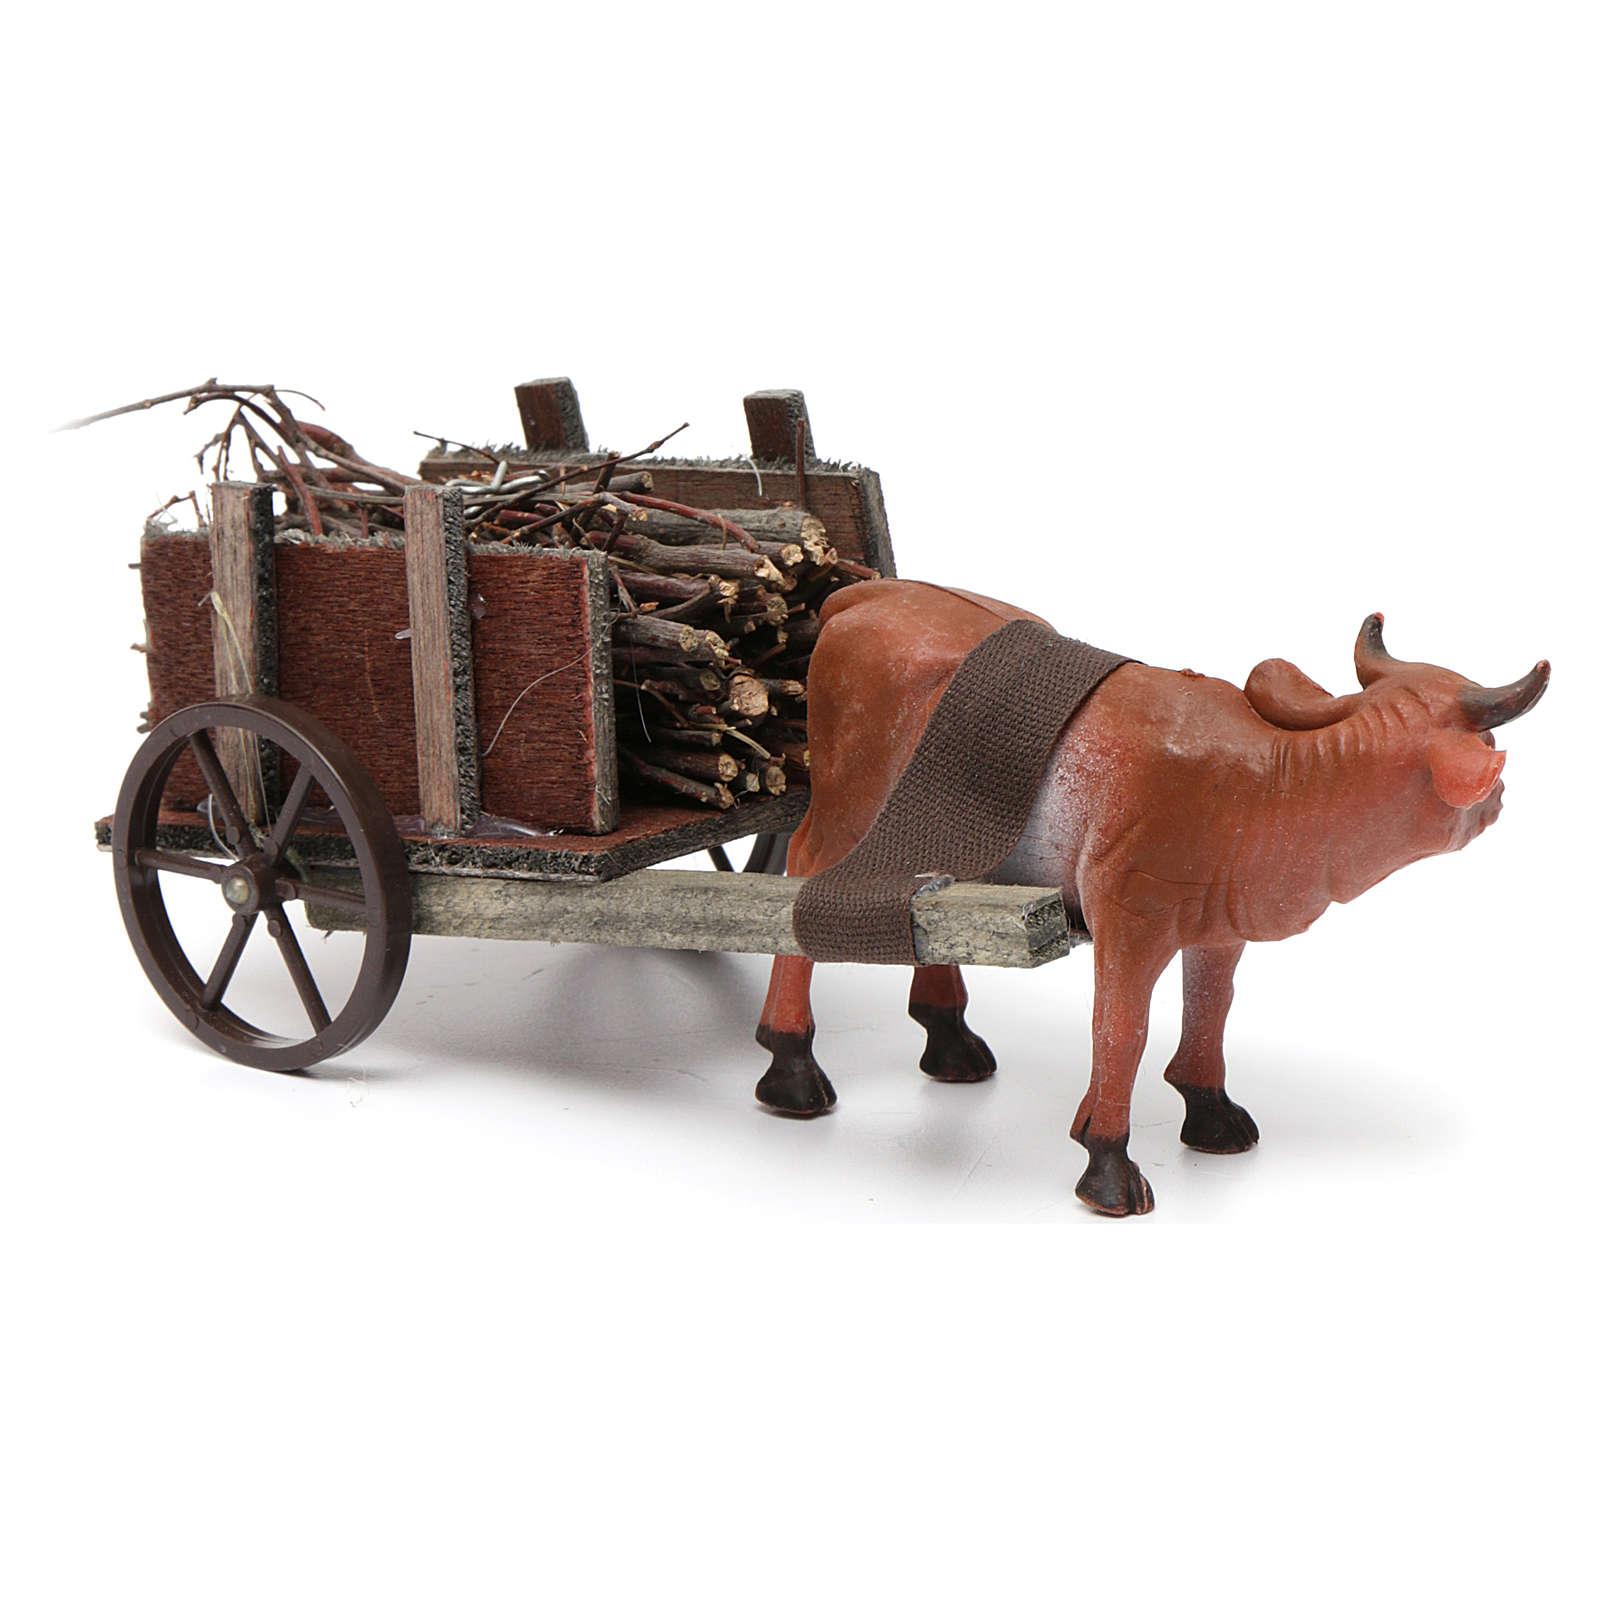 Wózek z wołem brązowym 10x20x10 cm do szopki 8 cm 3